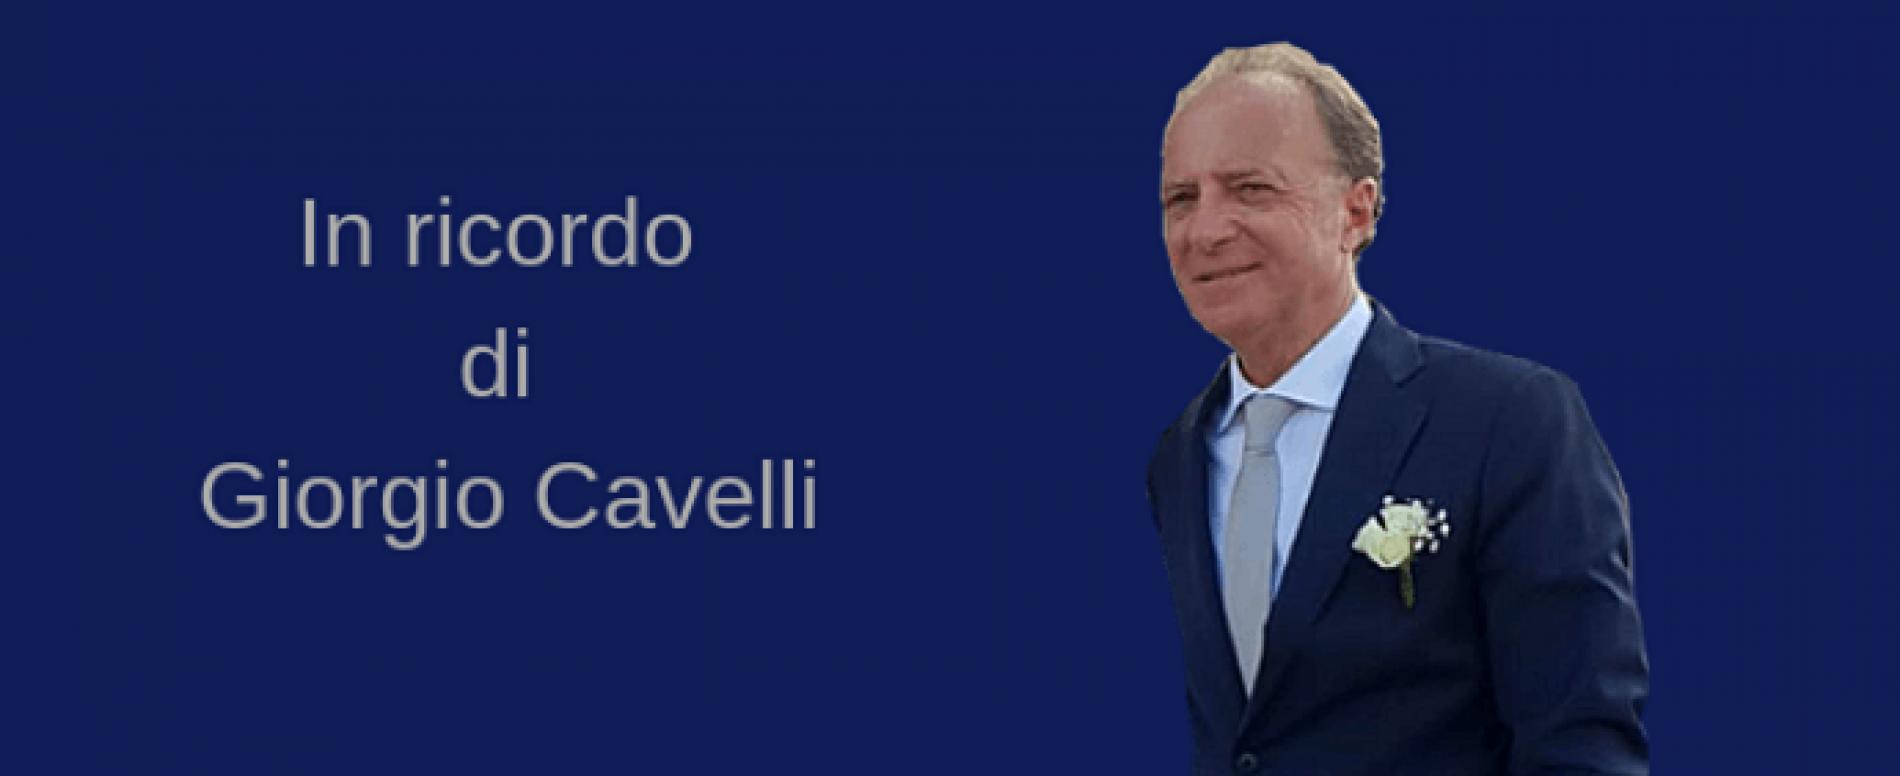 Fulvio Di Santo in ricordo di Giorgio Cavelli